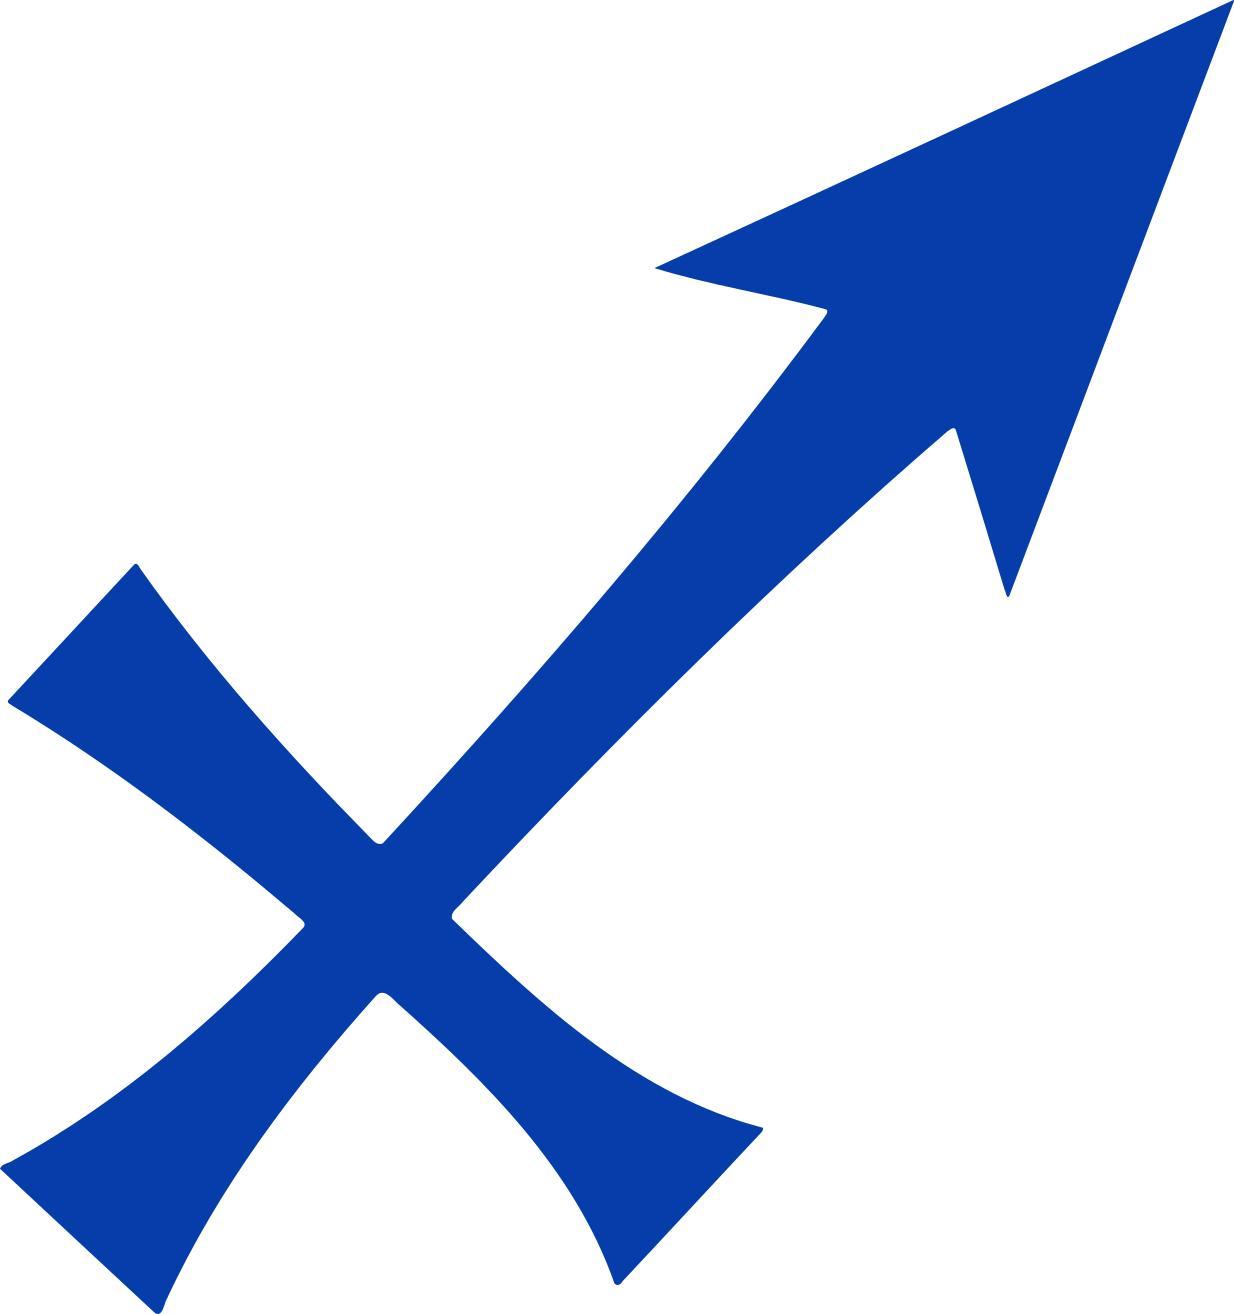 1234x1314 Sagittarius Symbol 2 Clipart